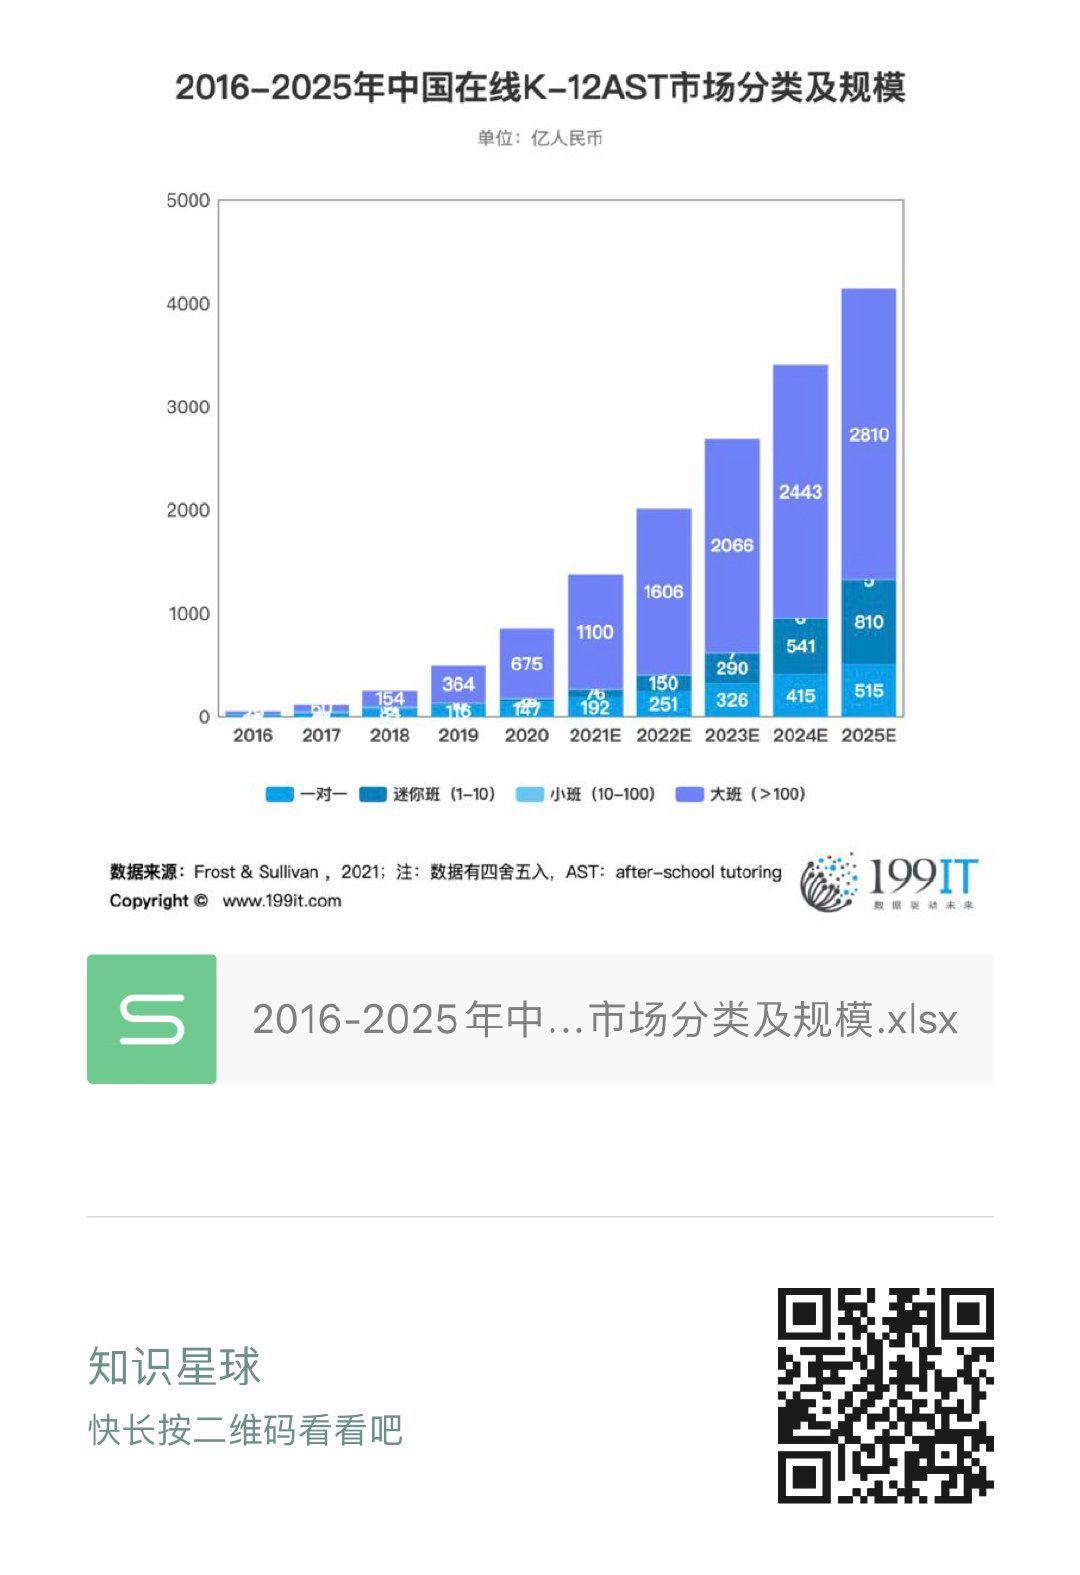 2016-2025年中國線上K-12AST市場分類及規模(附原資料表) 